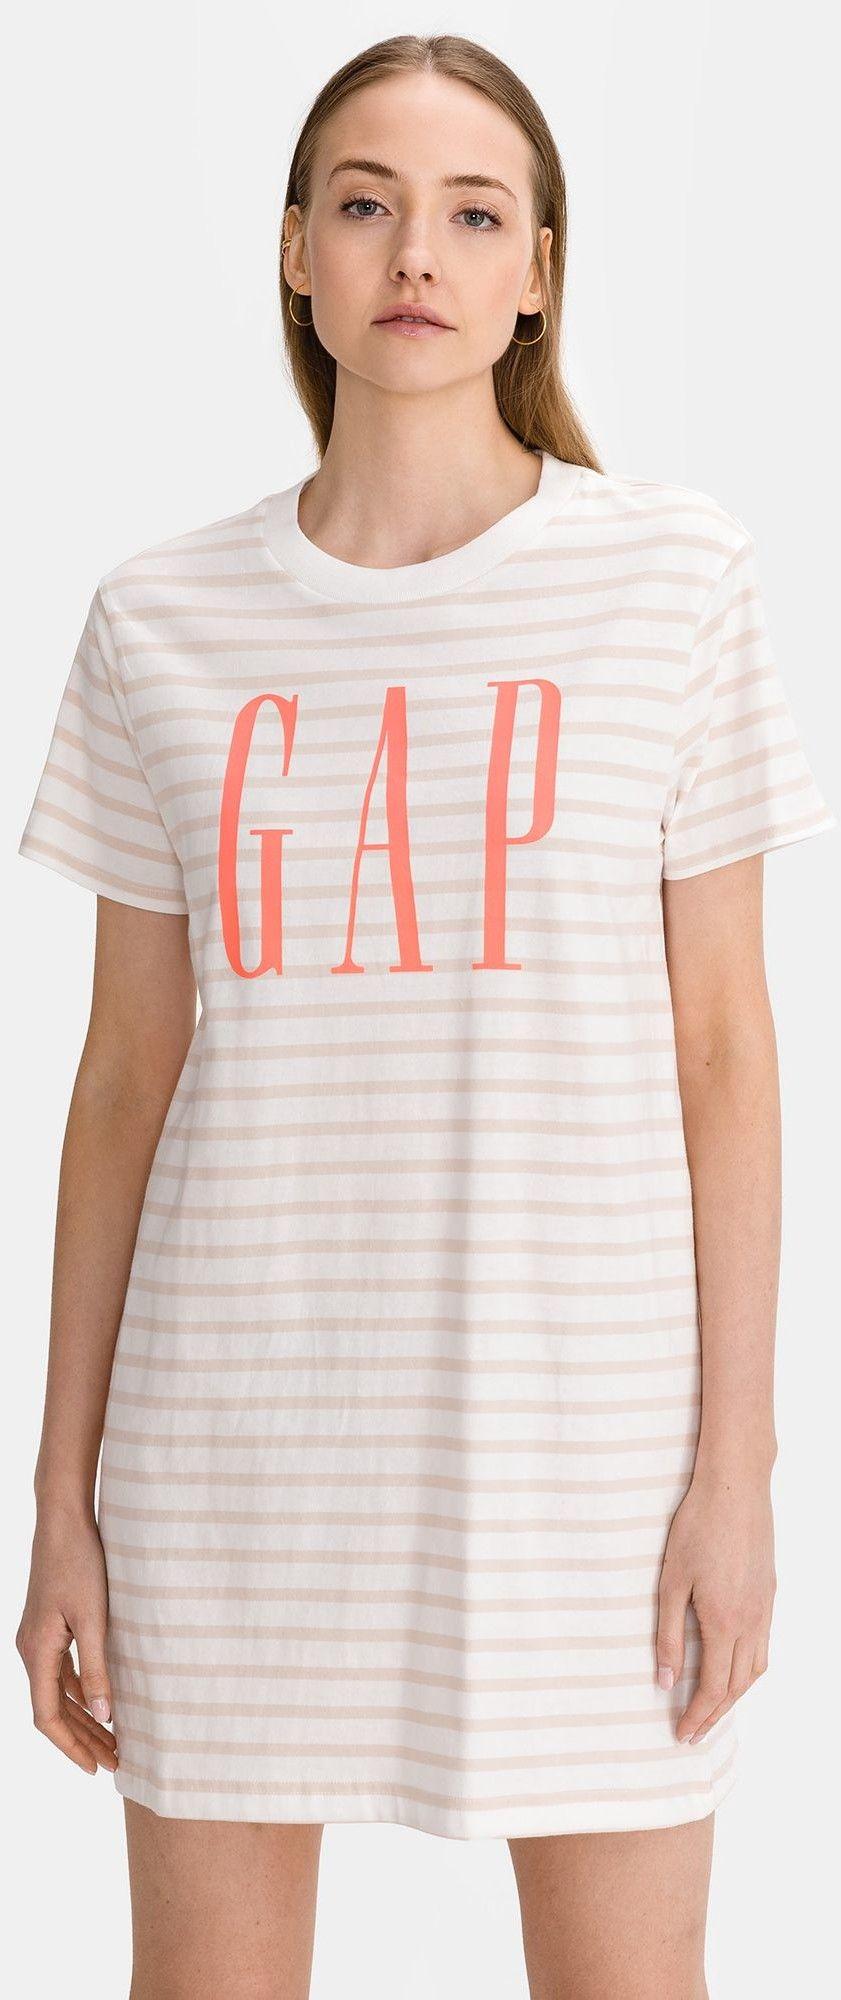 GAP biały w paski sukienka Logo T-shirt Dress